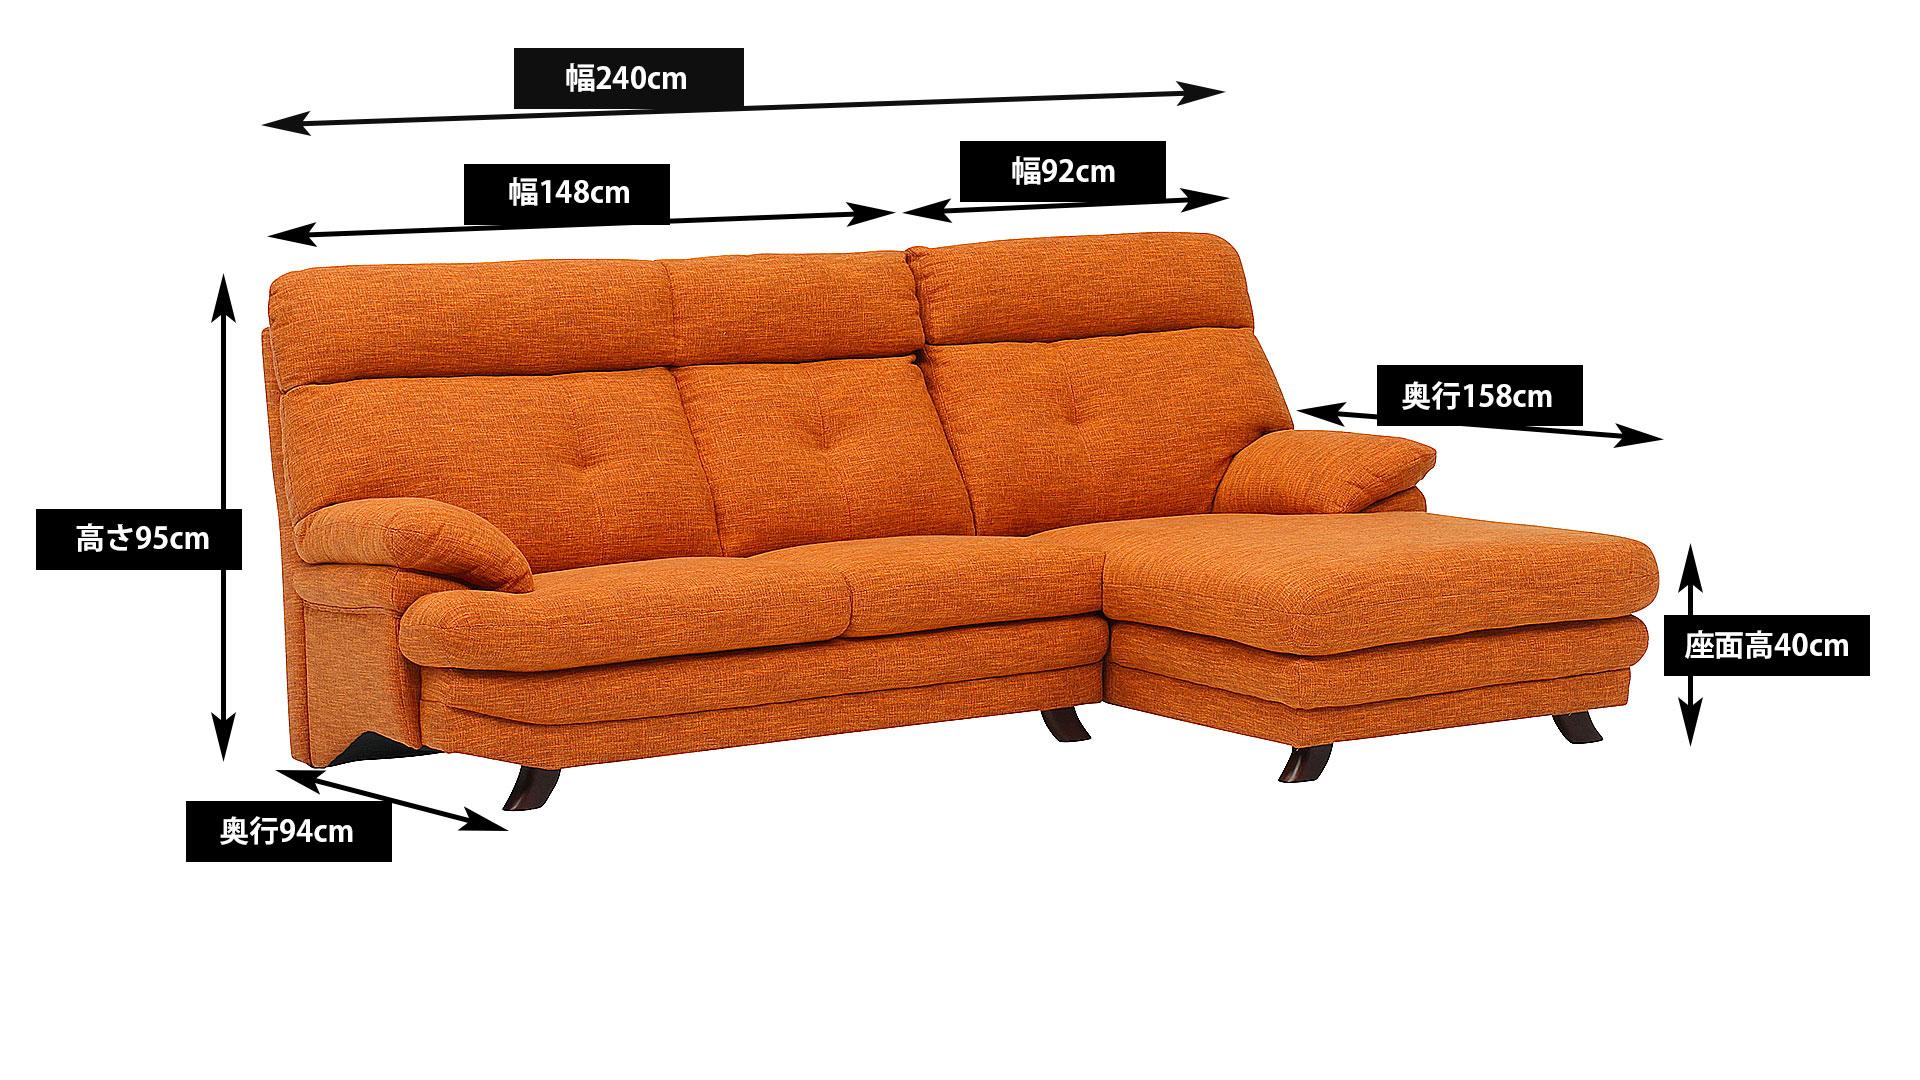 リビンズのカウチソファ「ジェム」のサイズの画像